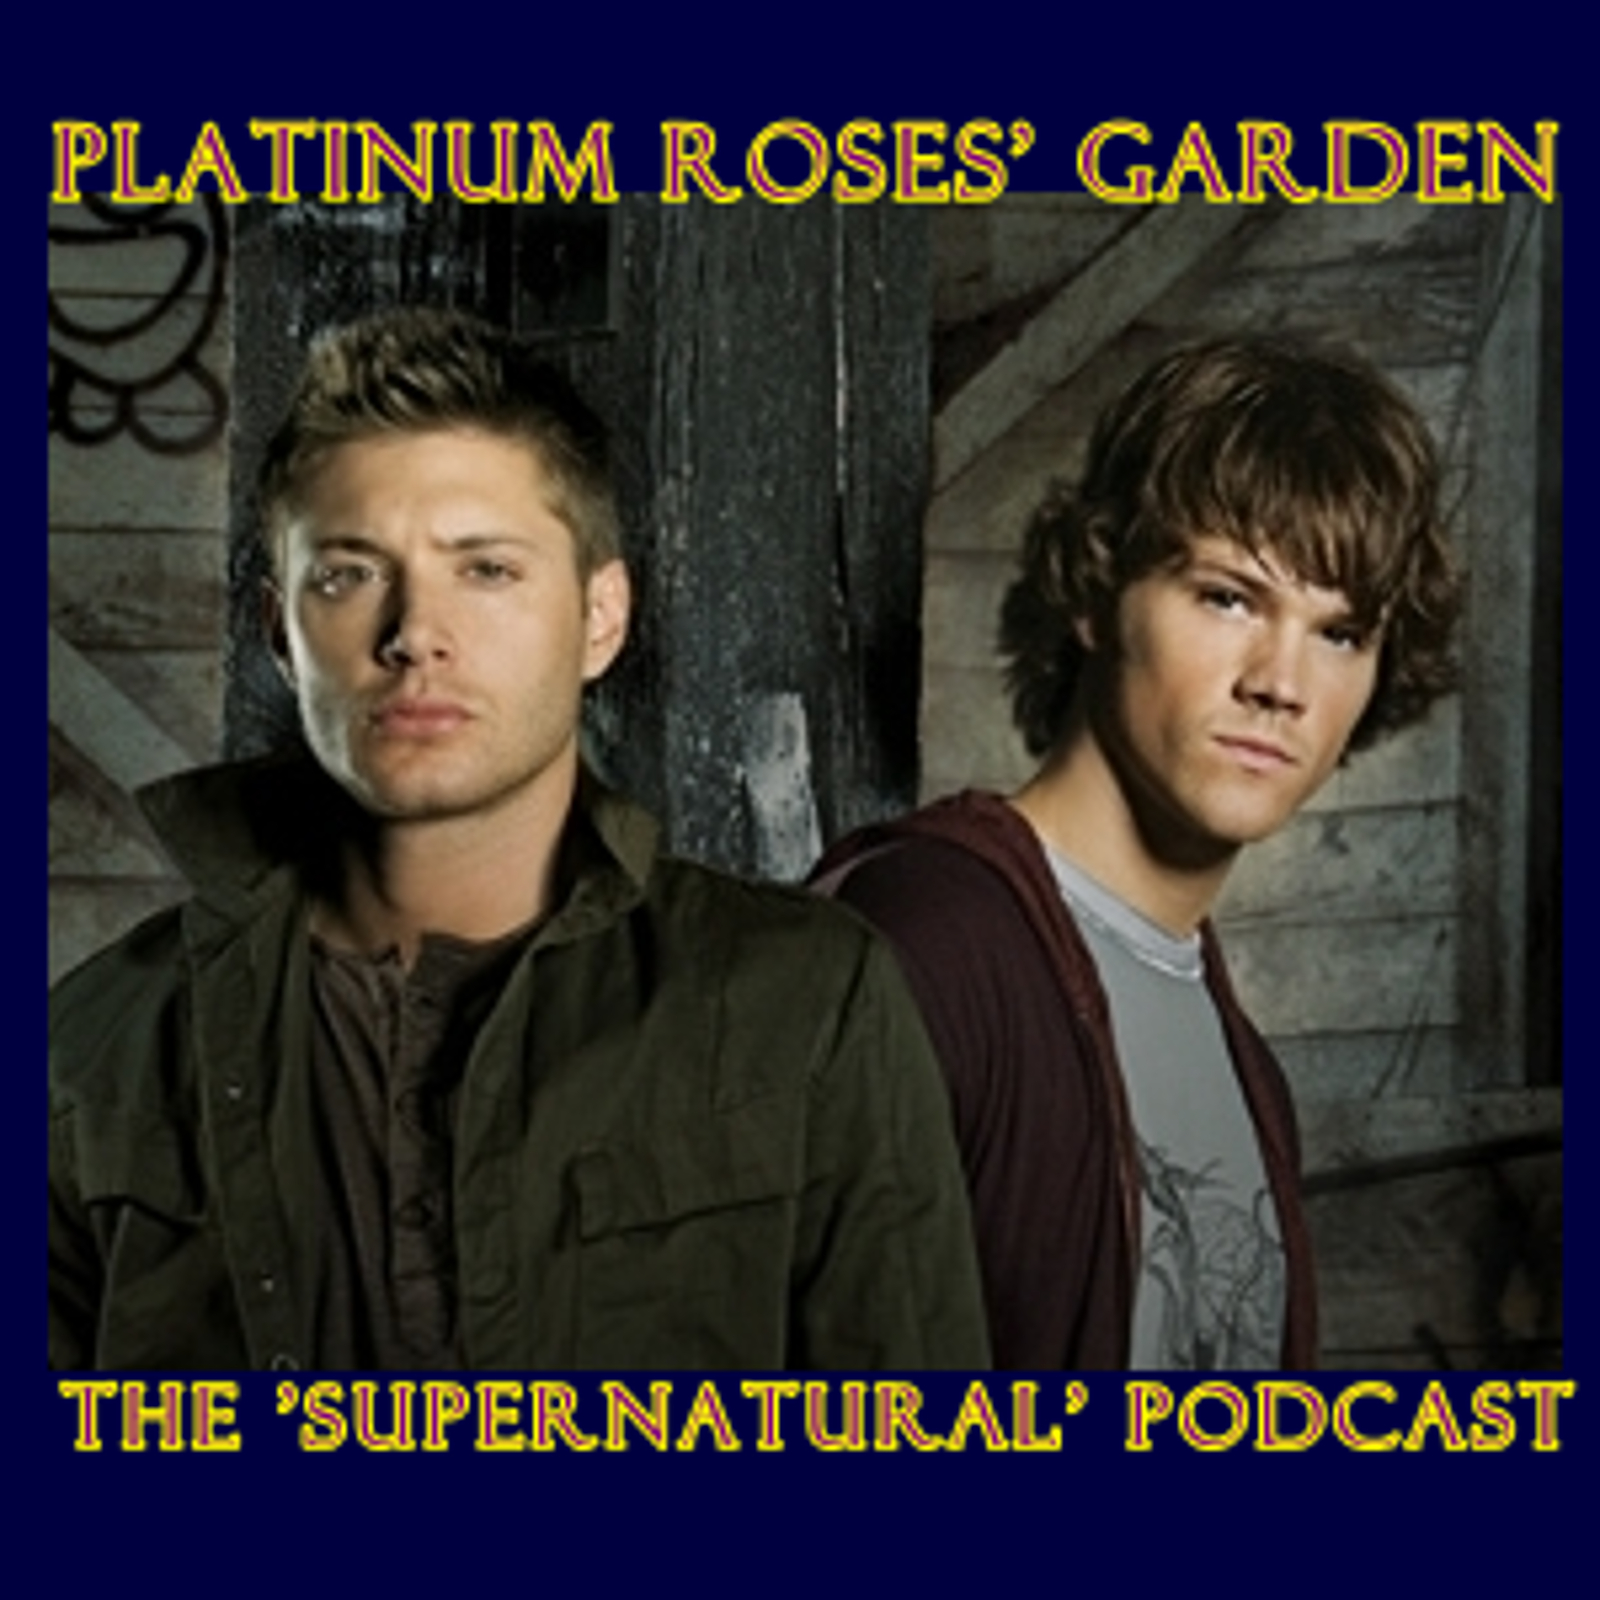 Artwork for Platinum Roses' Garden - December 2 2012